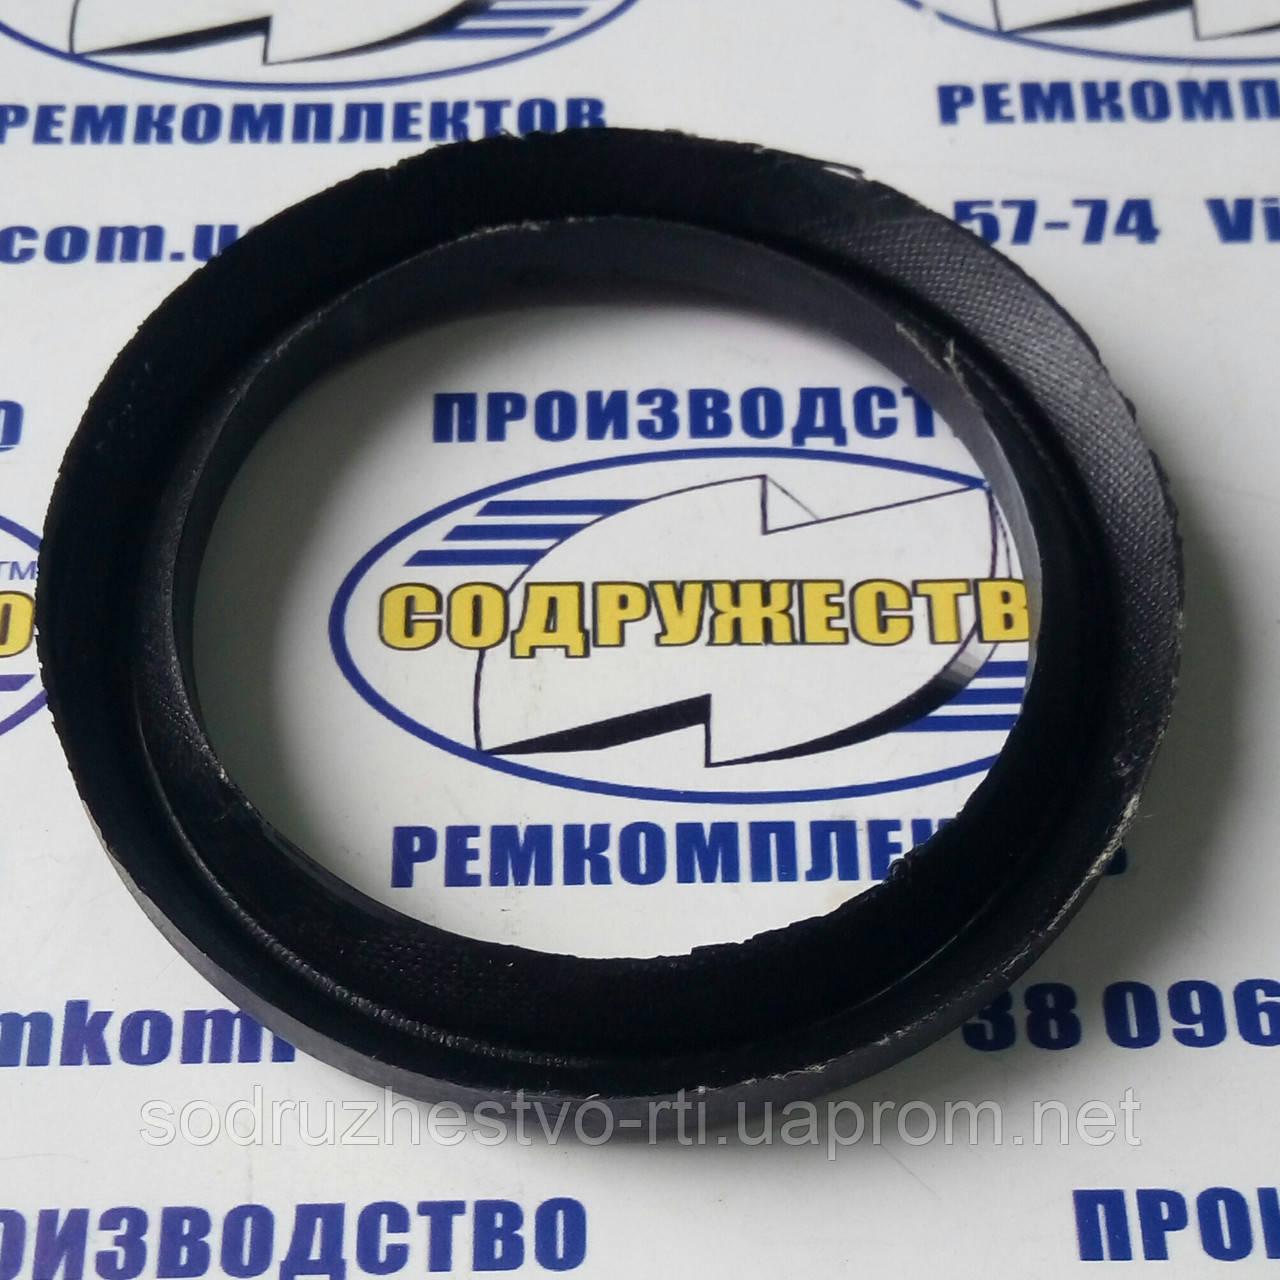 Манжета шевронная (МШ) 125 х 100 резиноткань